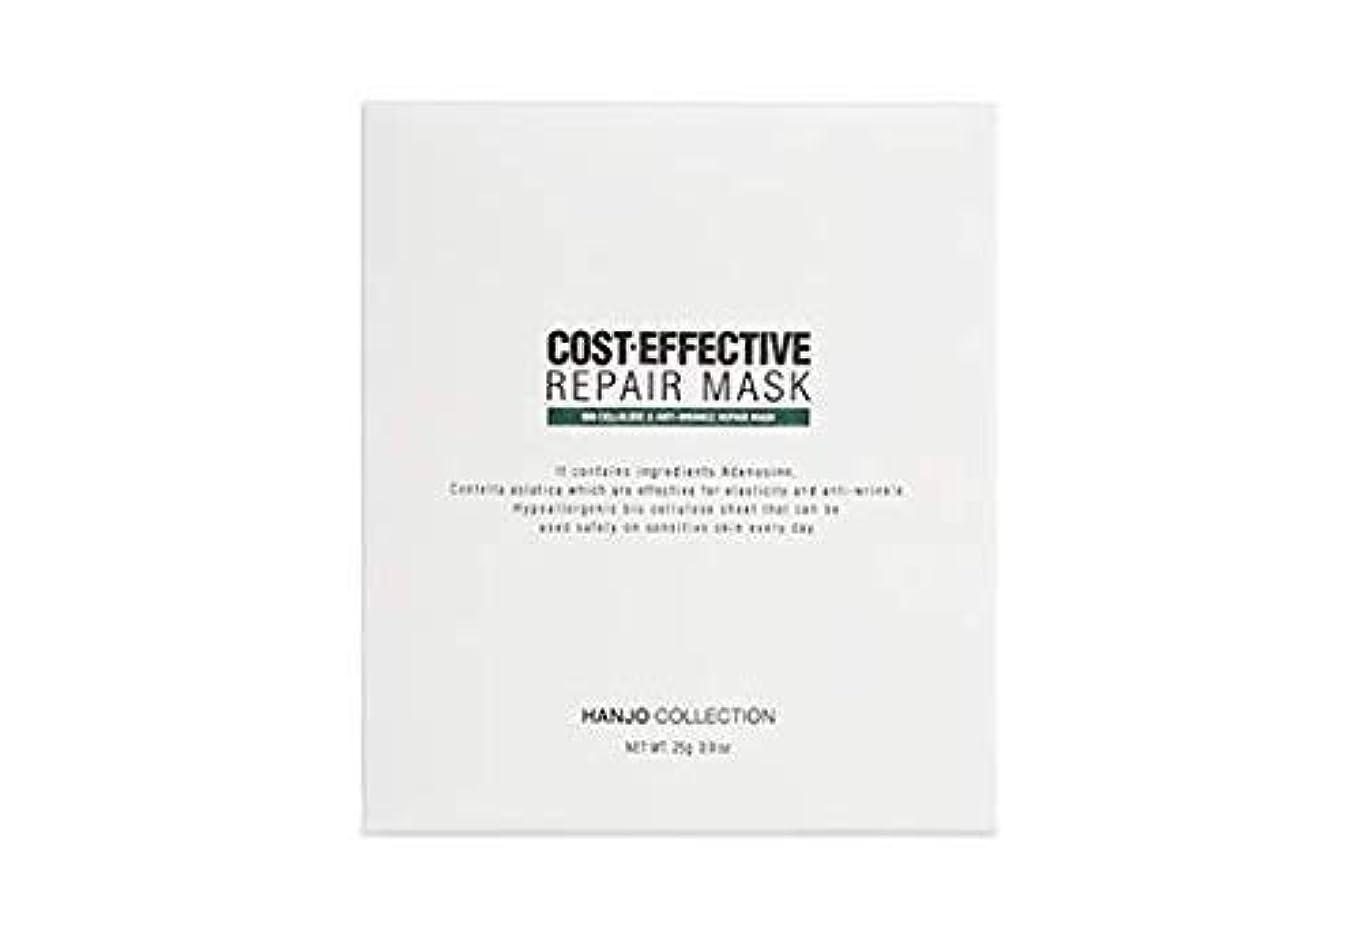 閃光摂動カプセルCOST-EFFECTIVE REPAIR MASK